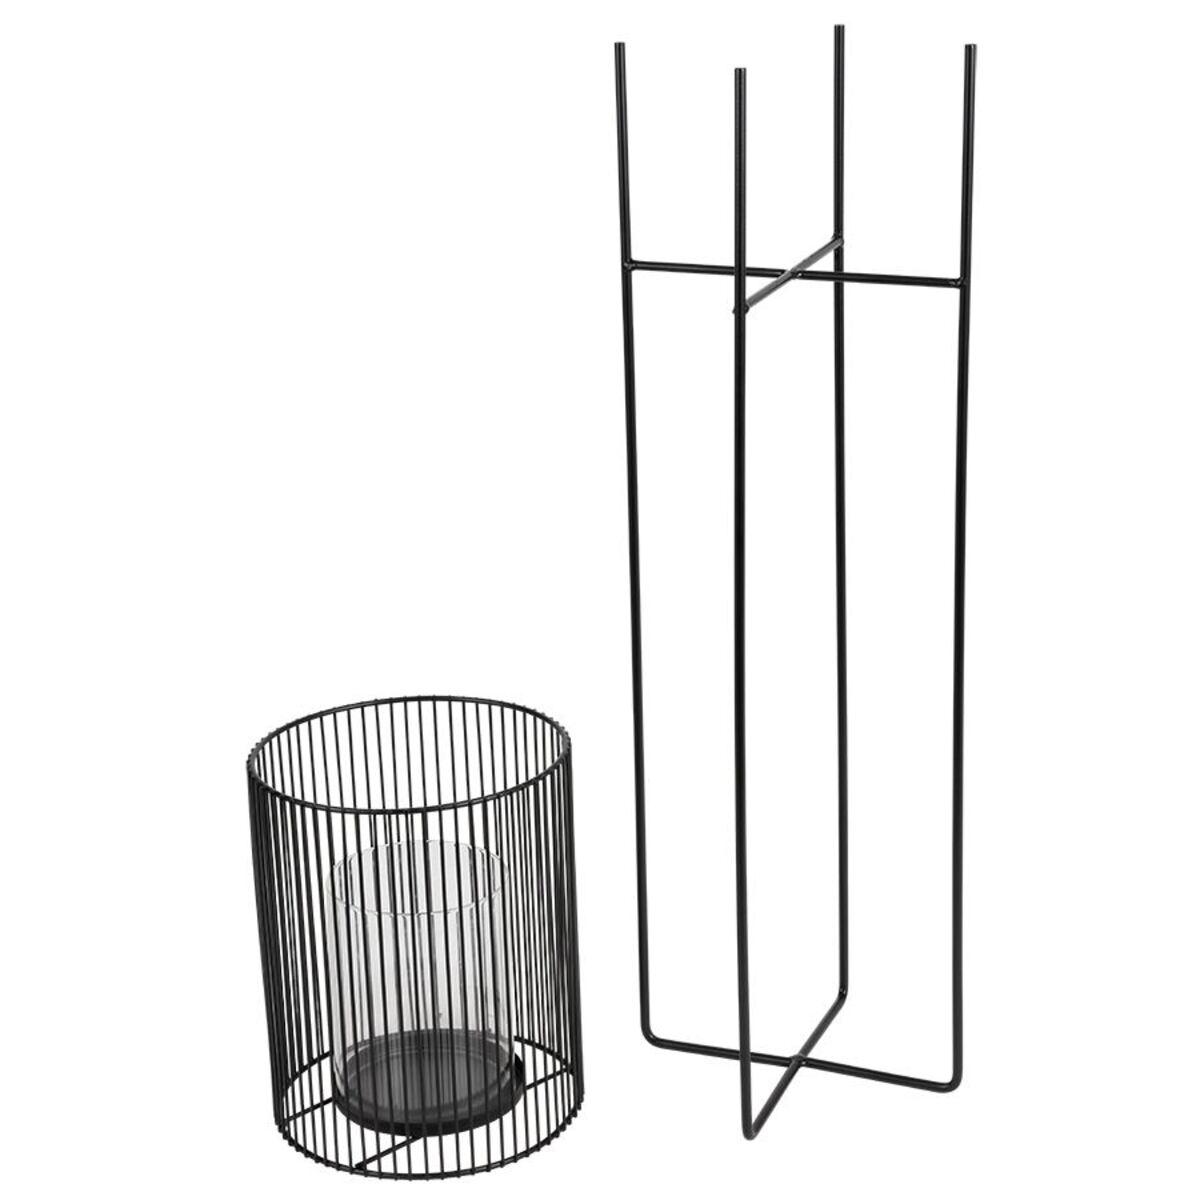 Bild 4 von Metall-Windlicht mit Glaseinsatz 73cm